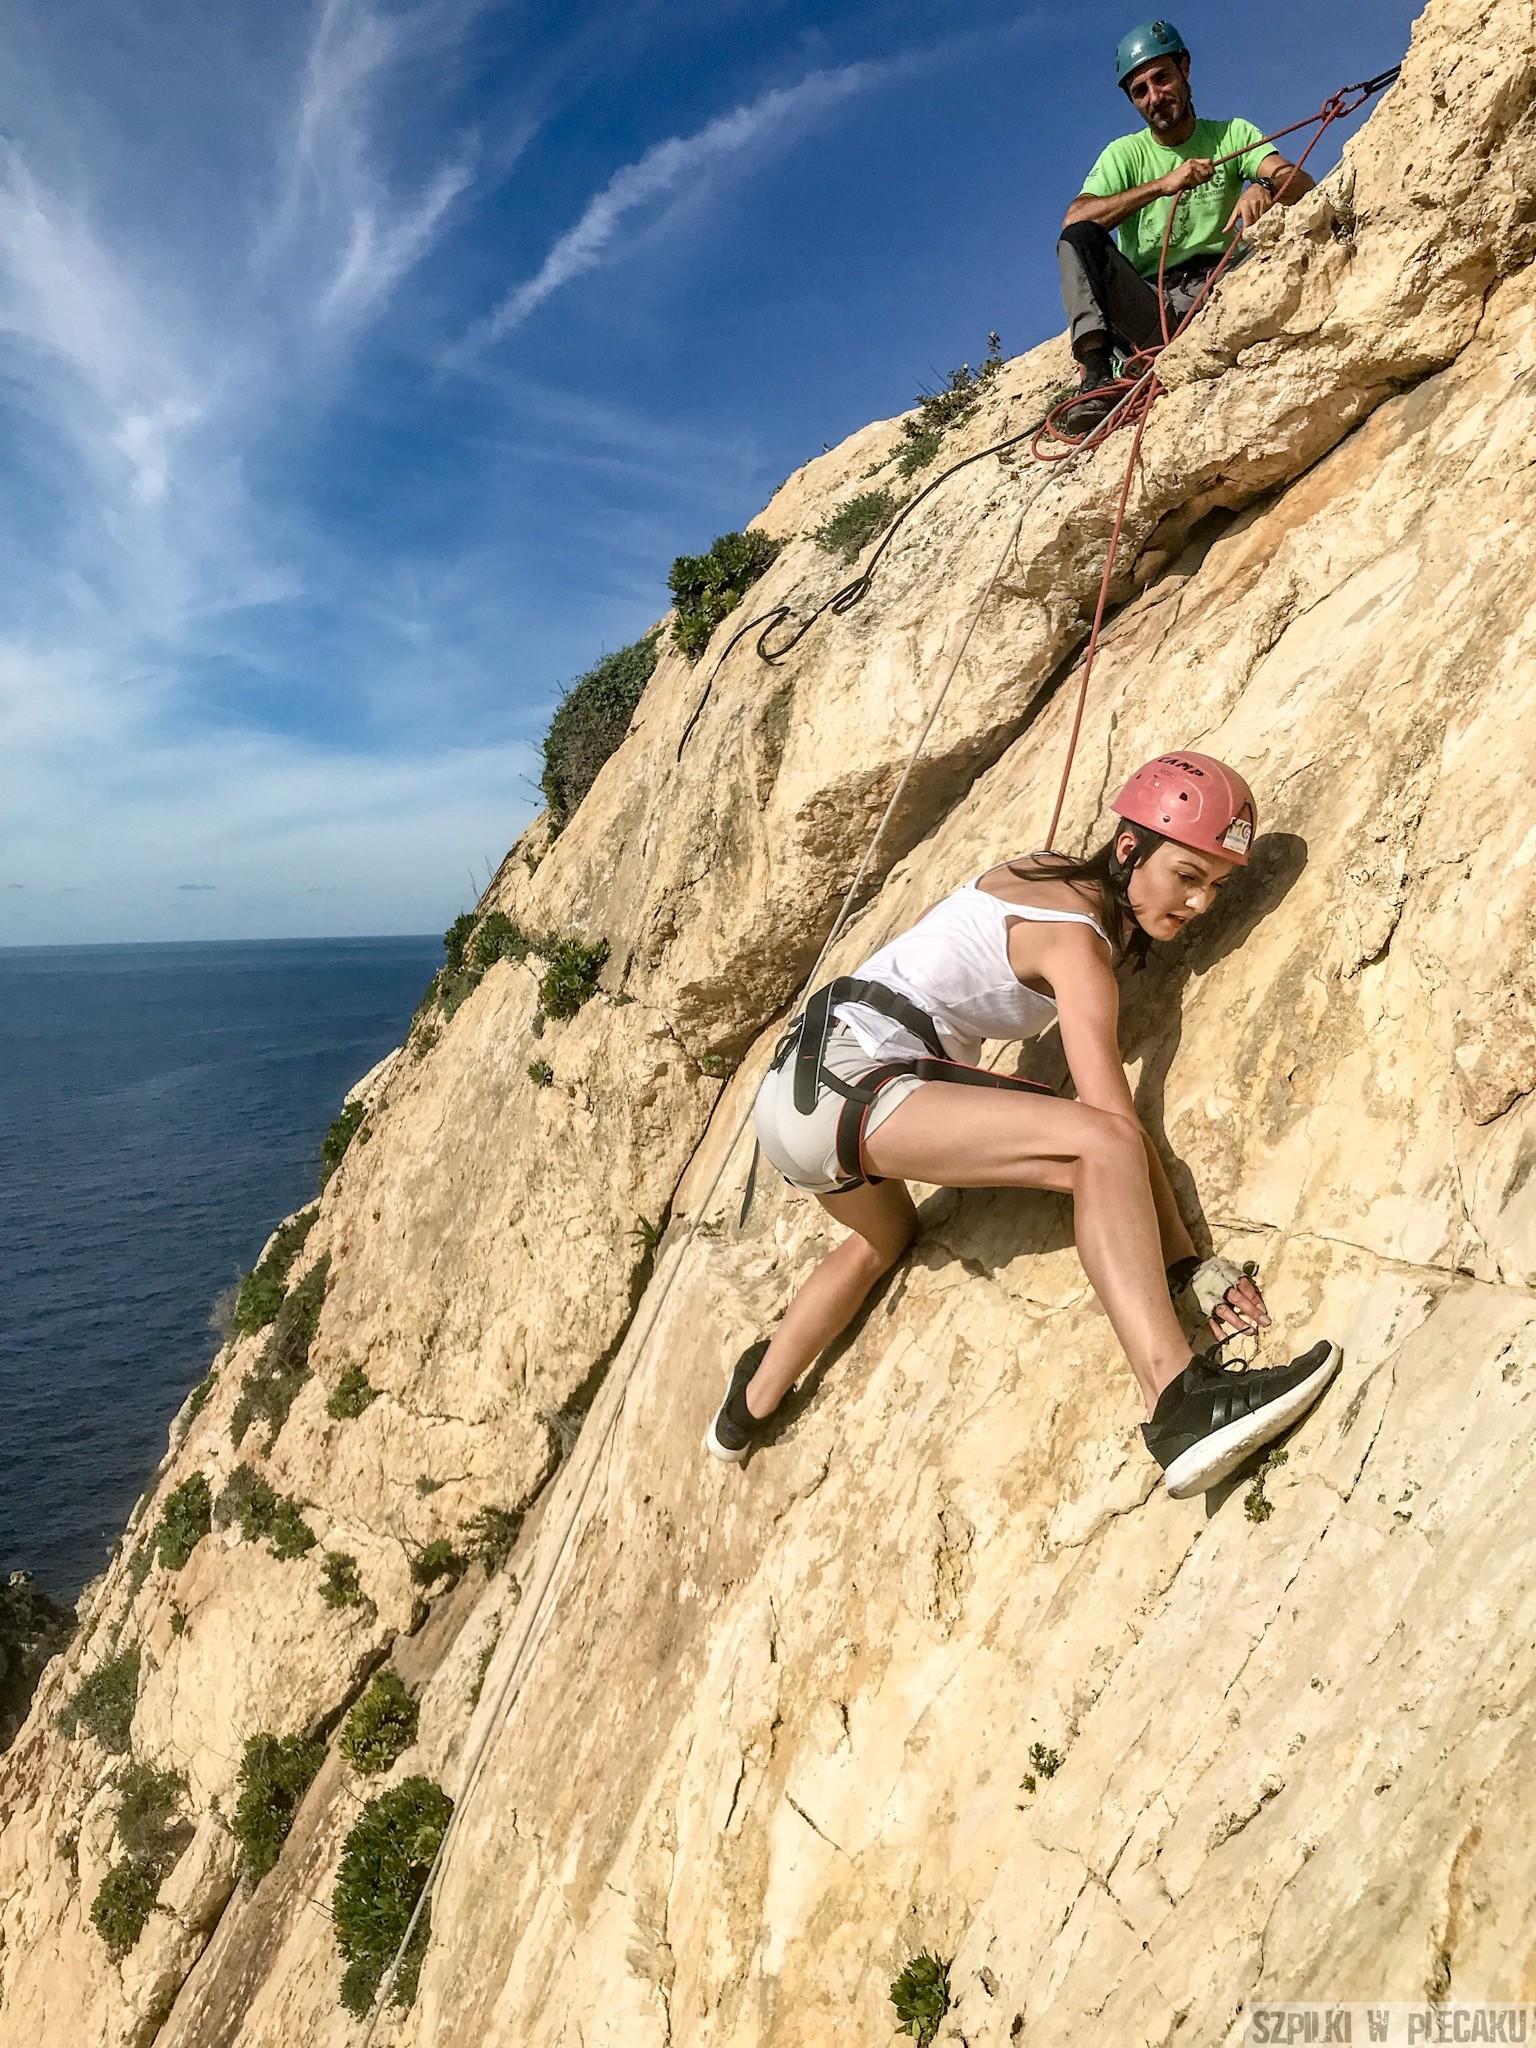 wspinaczka Xaqqa cliffs 2